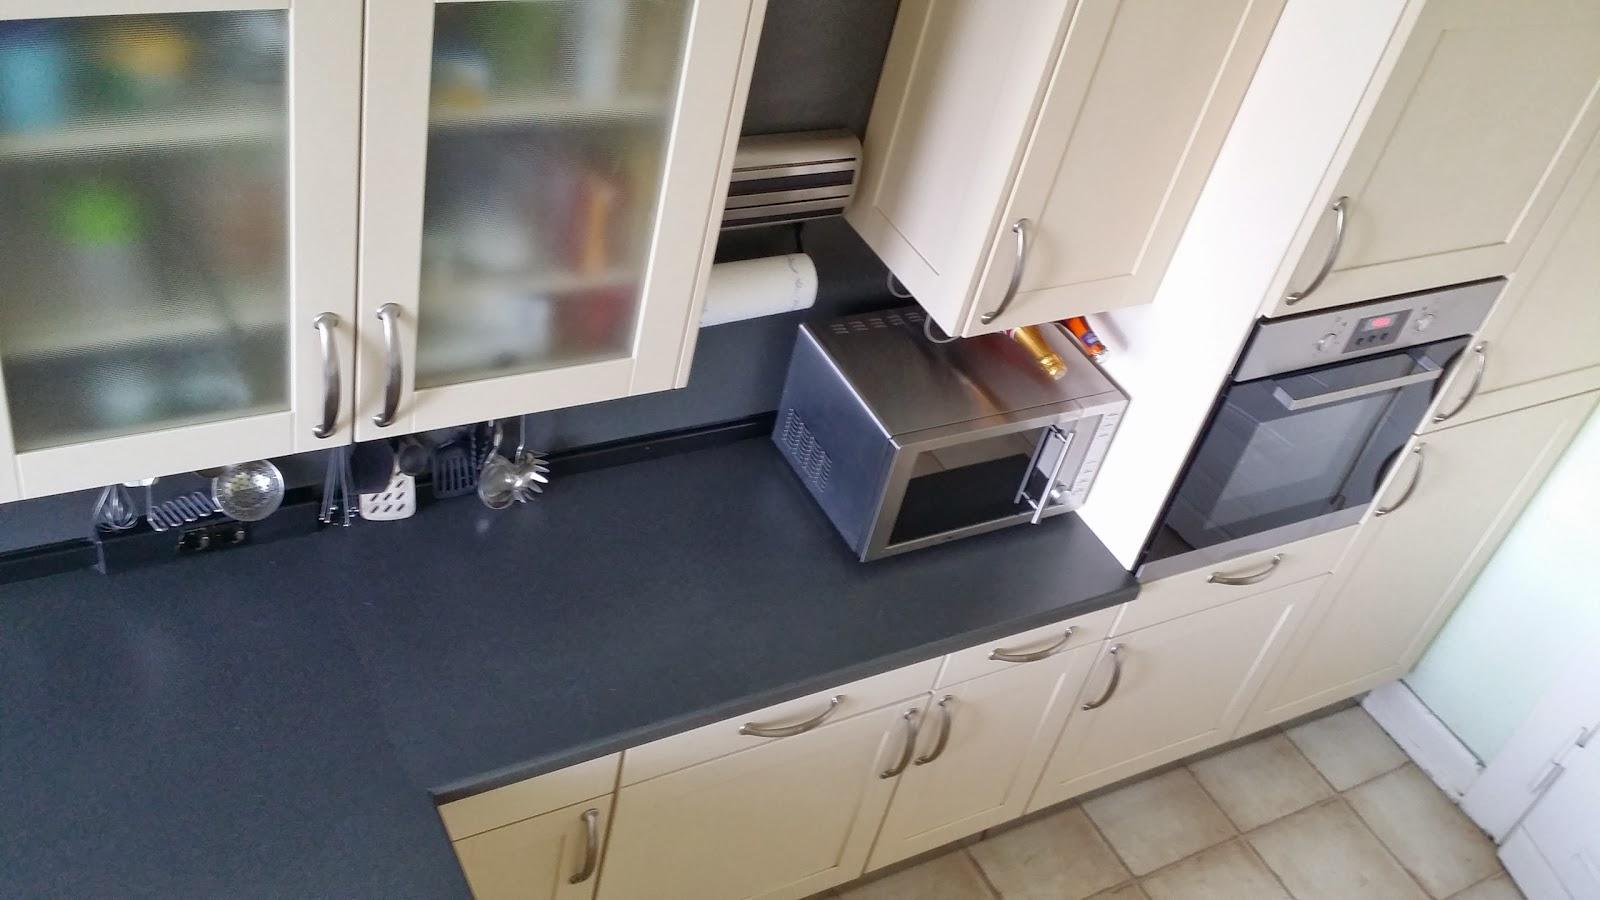 Full Size of Singleküche Mit E Geräten Single Küche Betten Ikea 160x200 Küchen Regal Kosten Kaufen Kühlschrank Modulküche Sofa Schlaffunktion Bei Miniküche Wohnzimmer Single Küchen Ikea